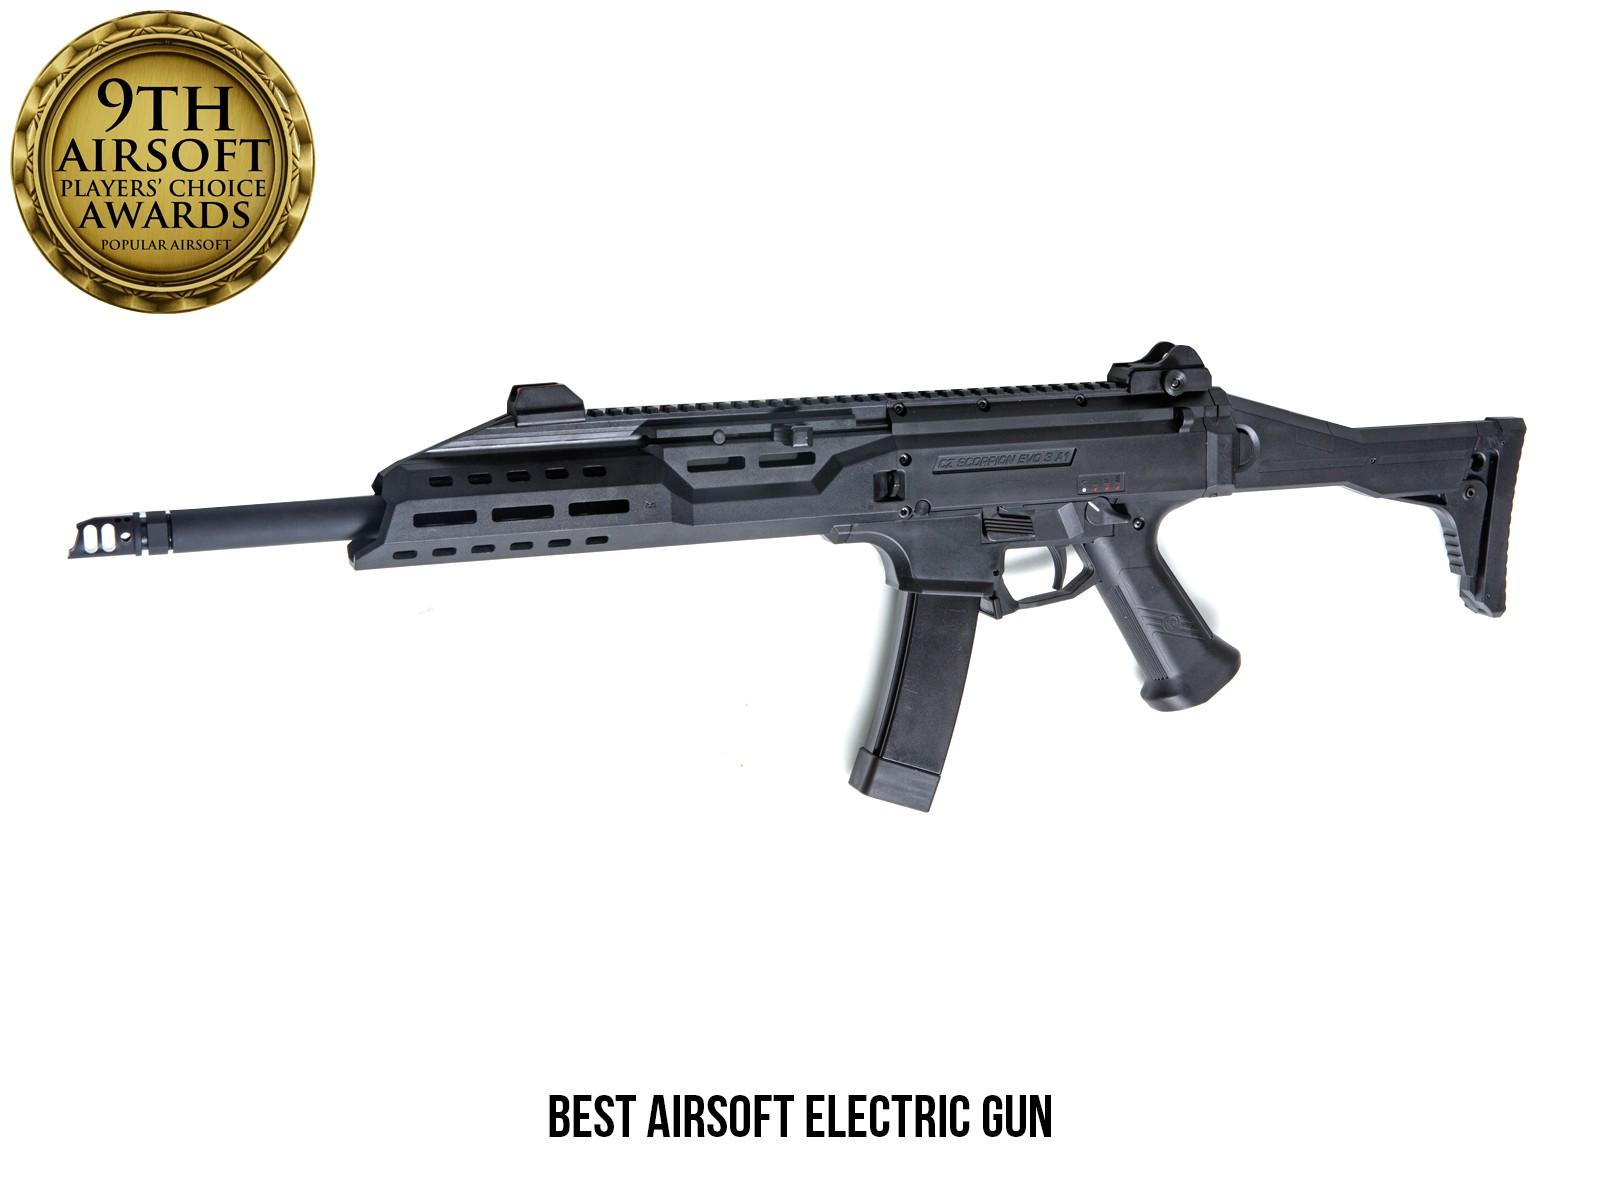 ASG - Fusil d'assaut Scorpion EVO 3 A1 Carbine AEG - Noir (1.7 joules)